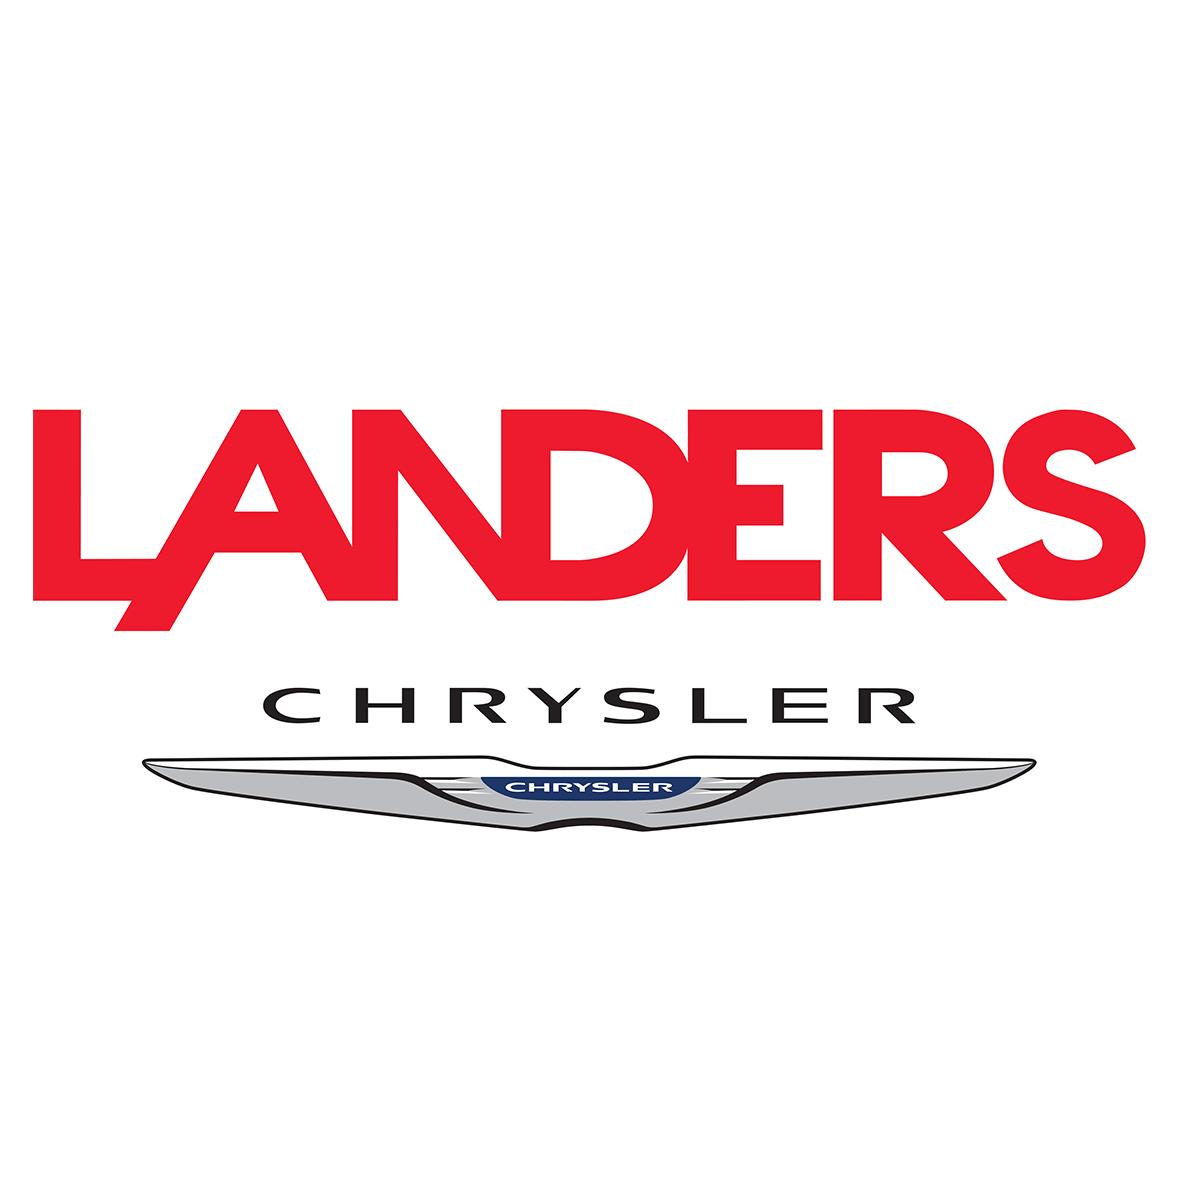 Landers Chrysler